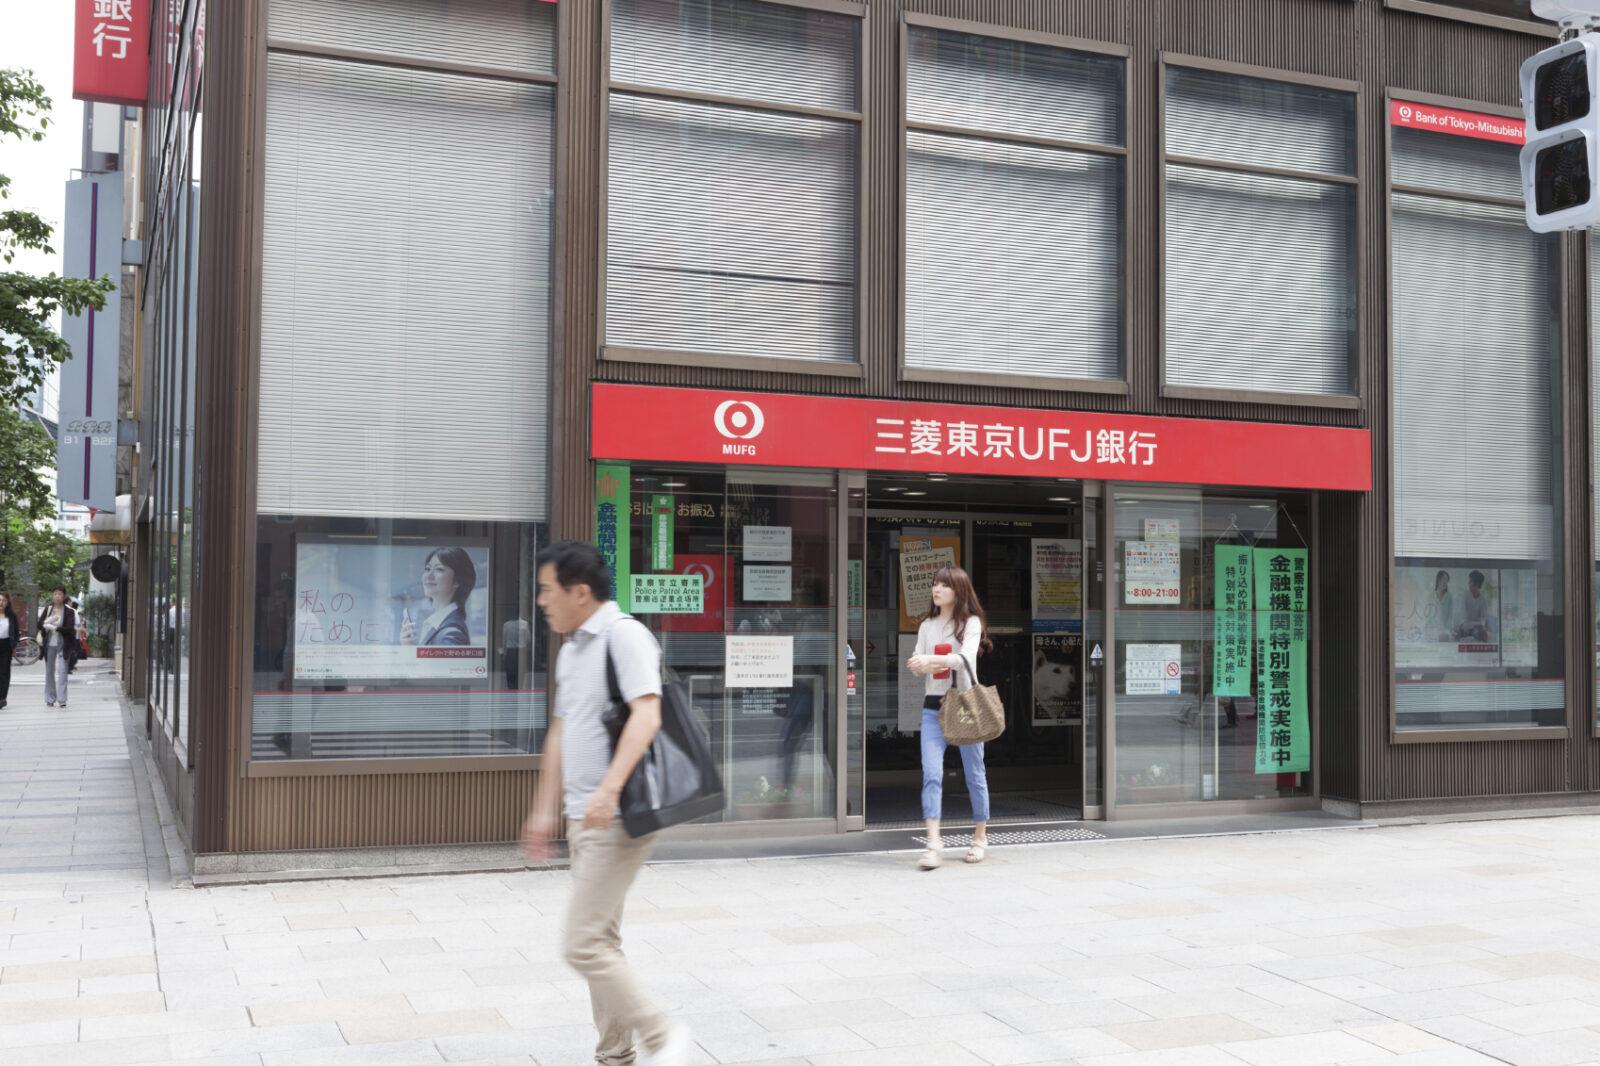 Bank of Tokyo Miitsubishi